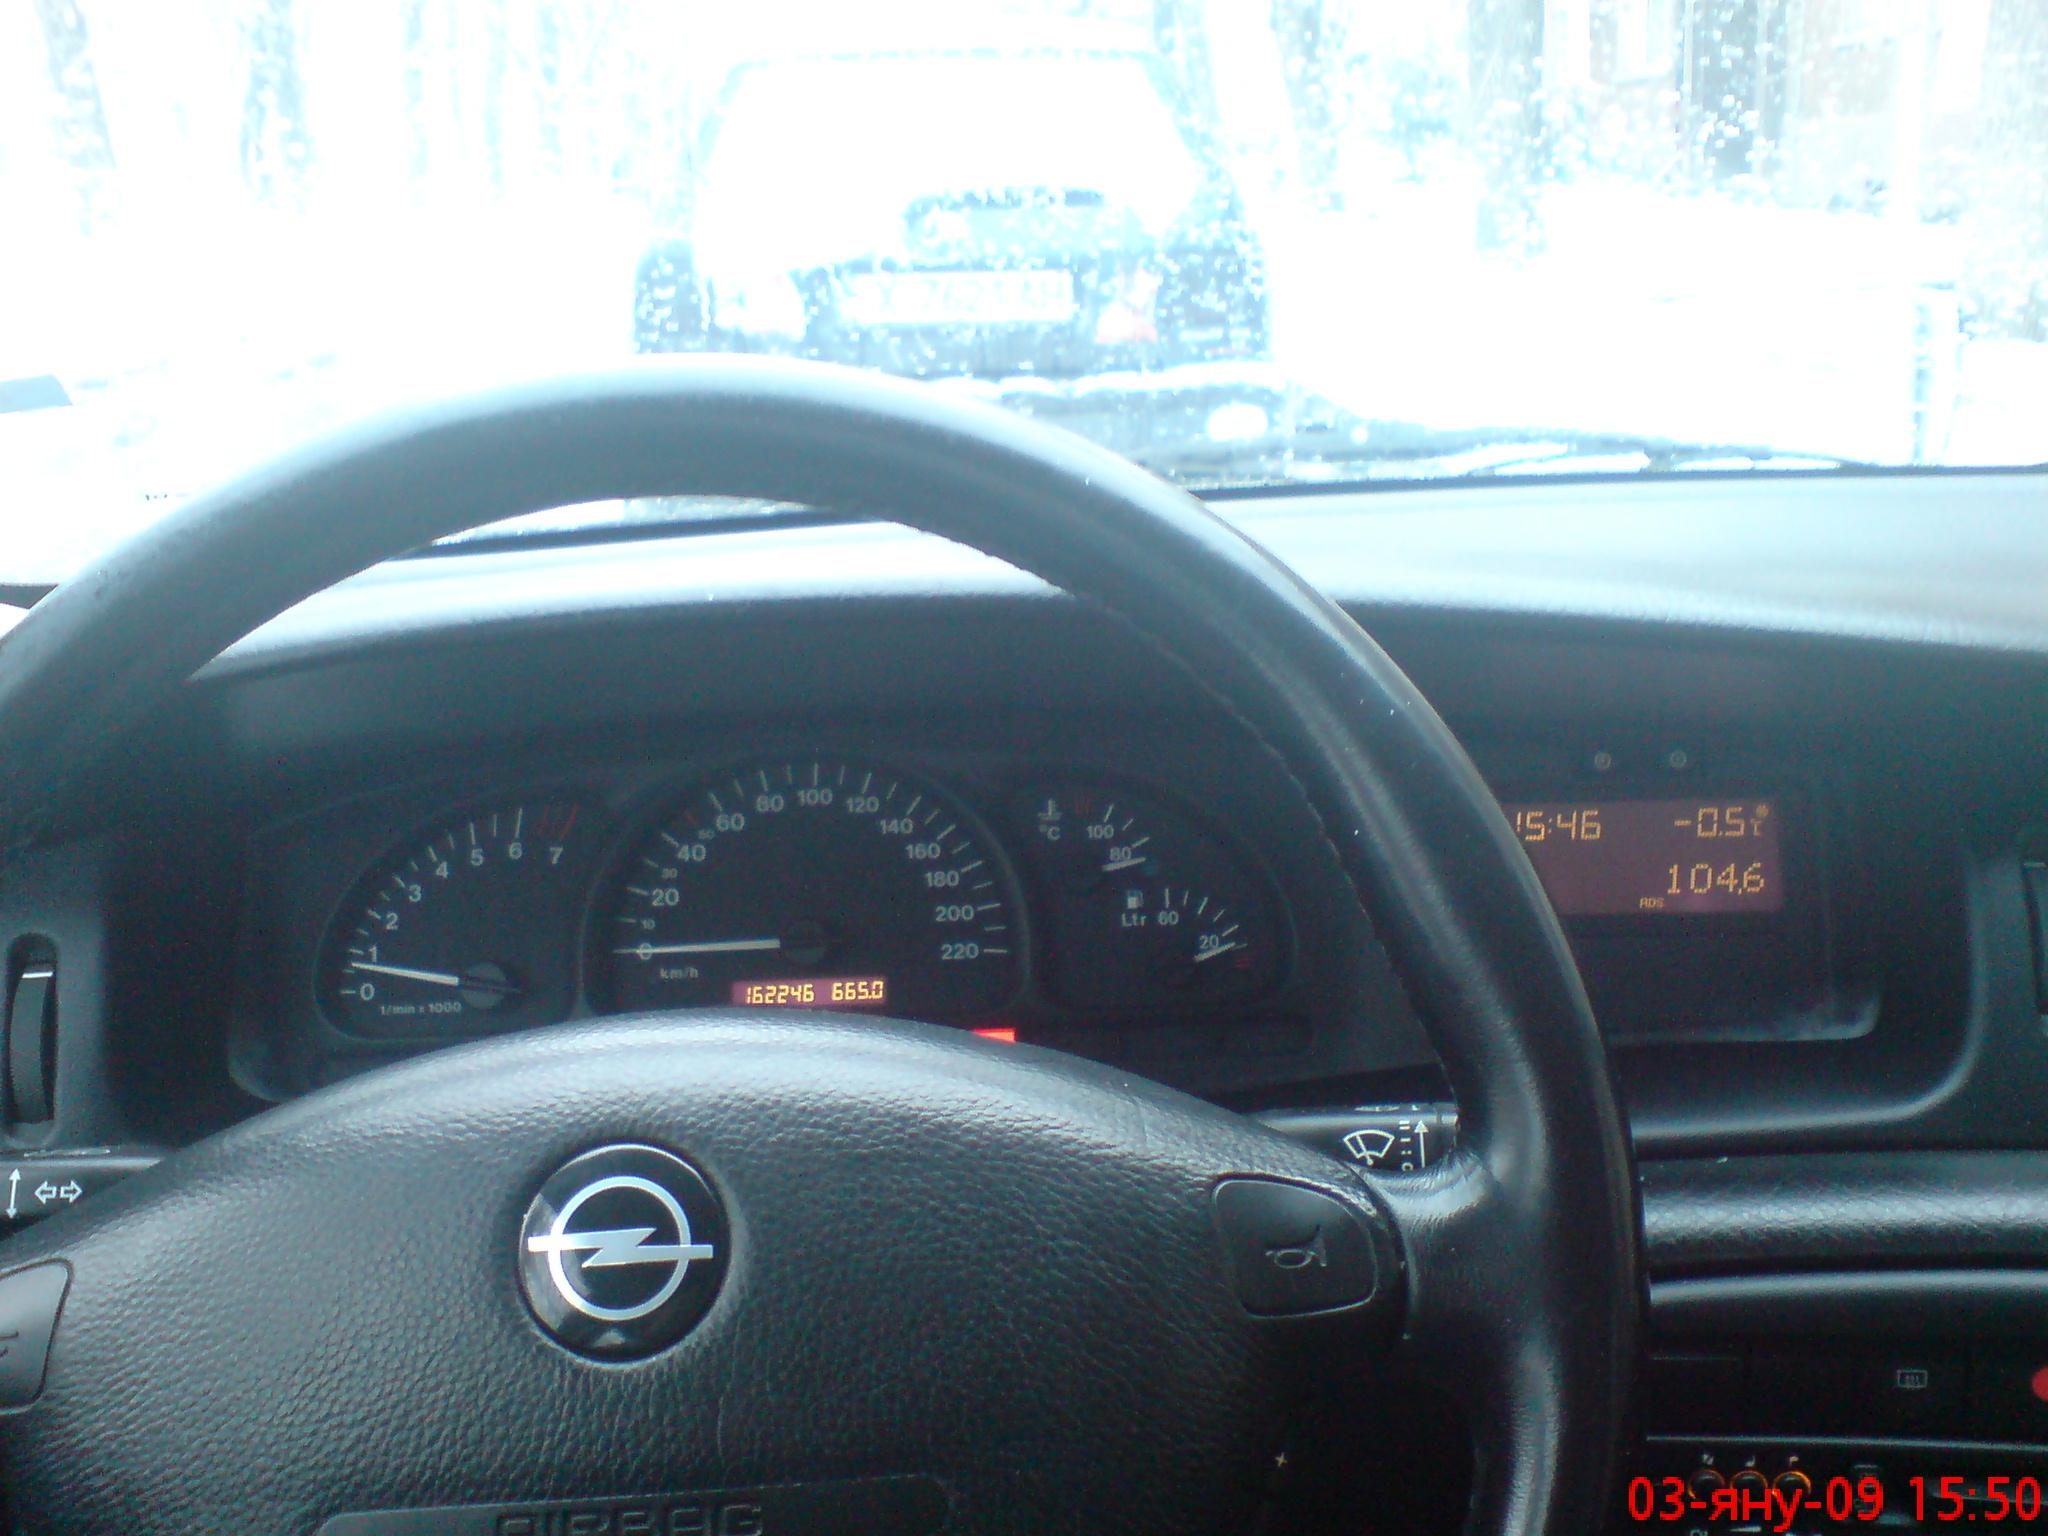 Opel Vectra 1.6 i 16V